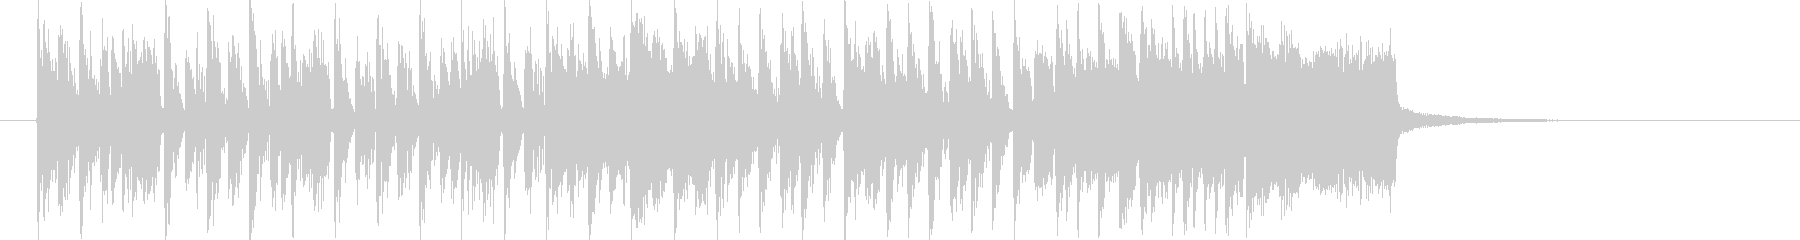 躍動感あるスピーディーなテクノジングルの未再生の波形